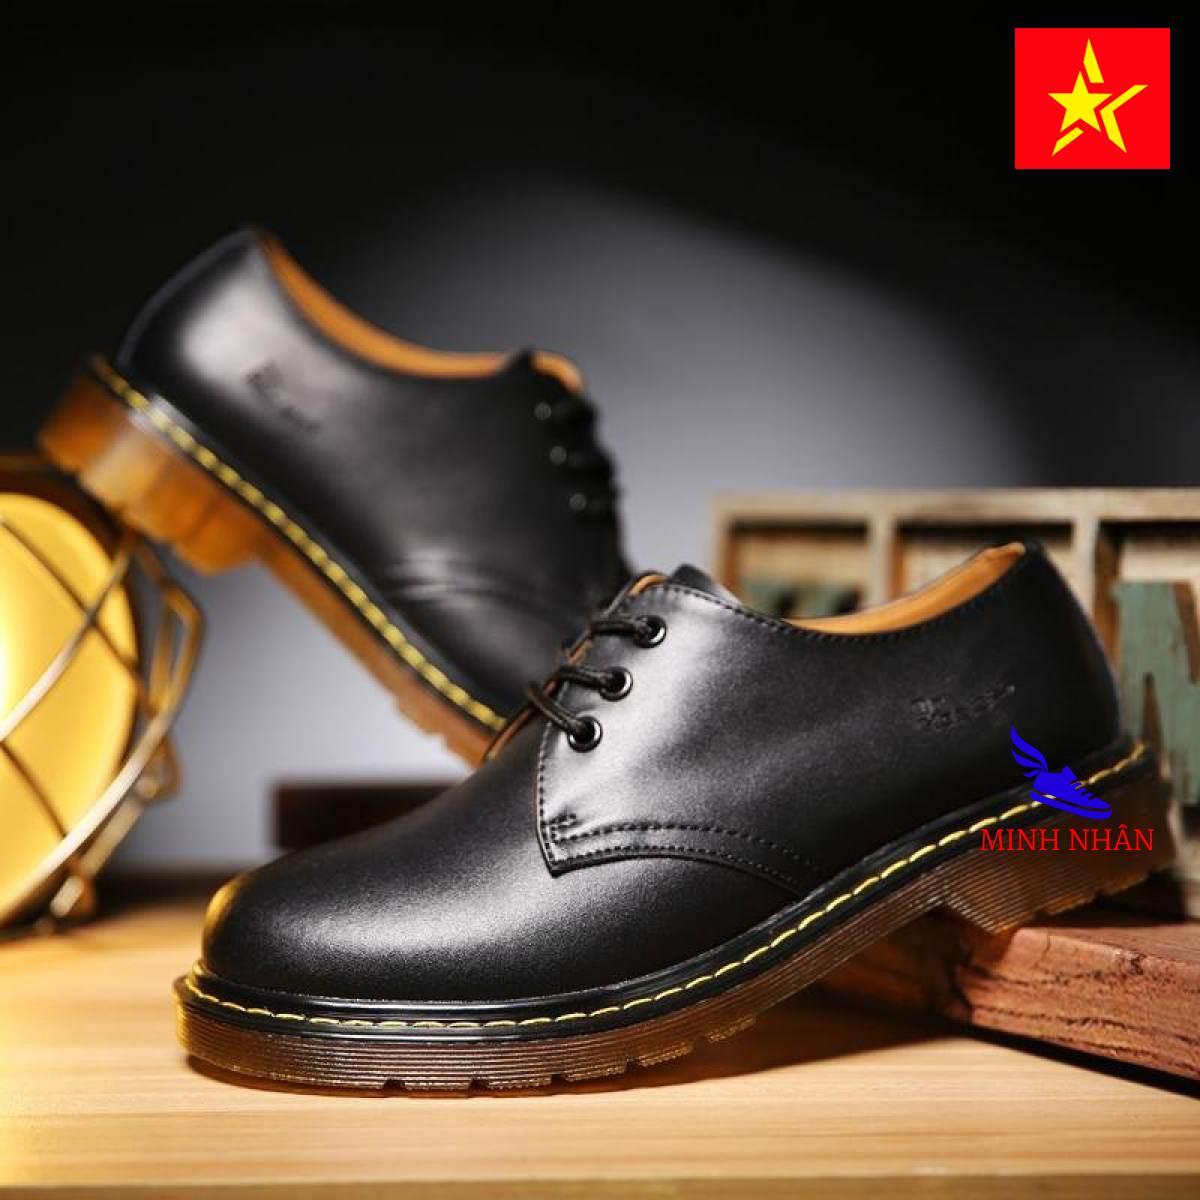 Giày đốc nam da bò giày Dr.Marten da bò Giày tây nam da bò giày buộc dây nam giày bảo hộ nam giày da trơn đế khâu B-9 màu đen